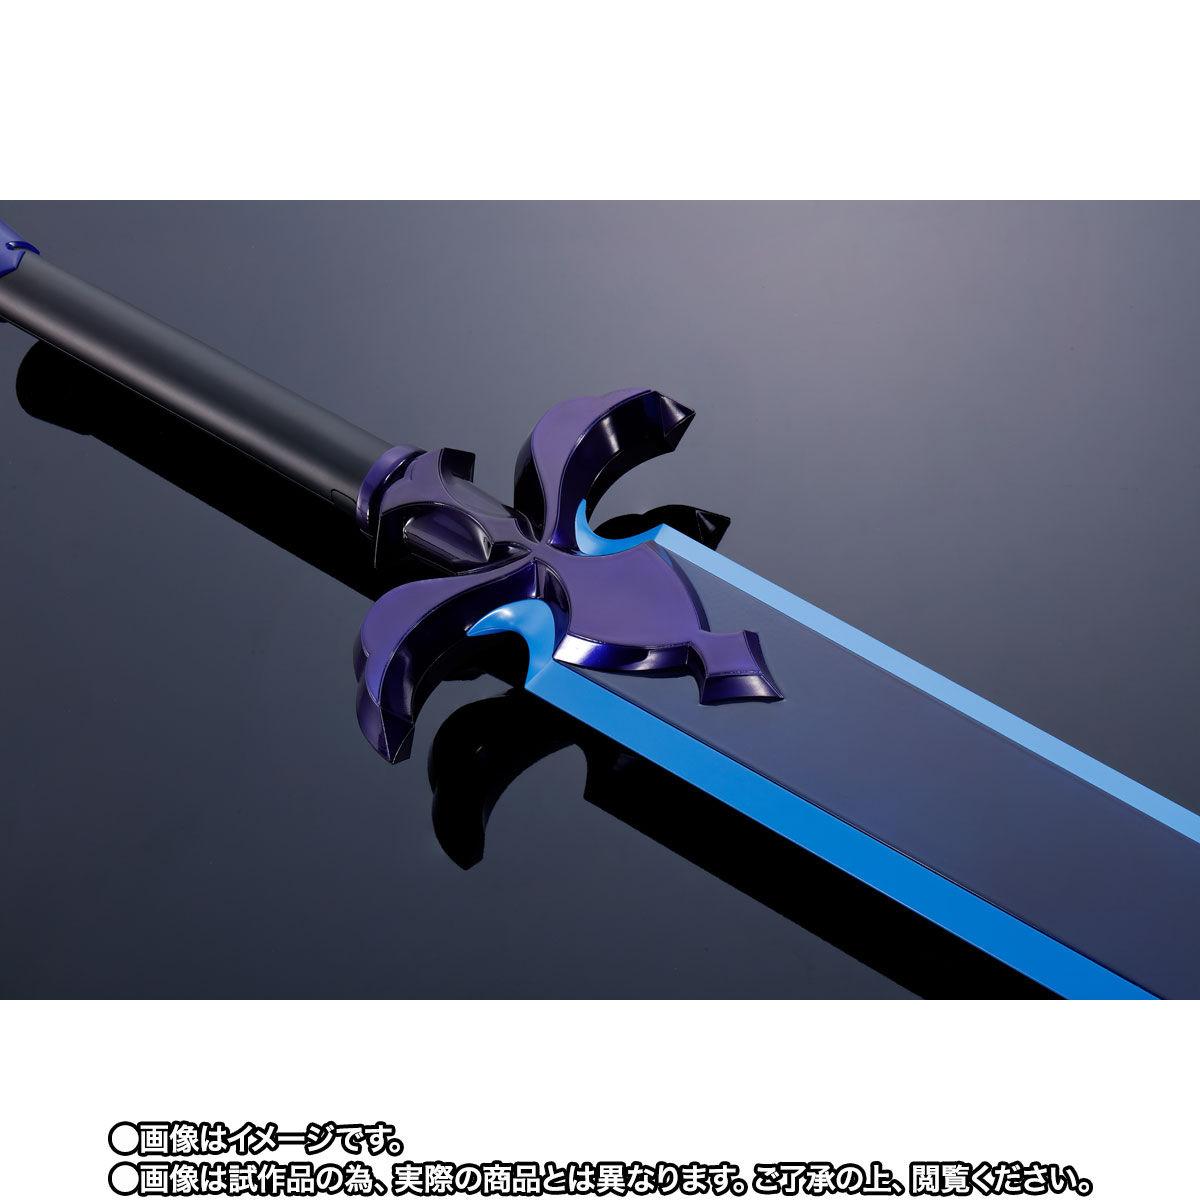 【限定販売】PROPLICA 『夜空の剣』ソードアート・オンライン 変身なりきり-008